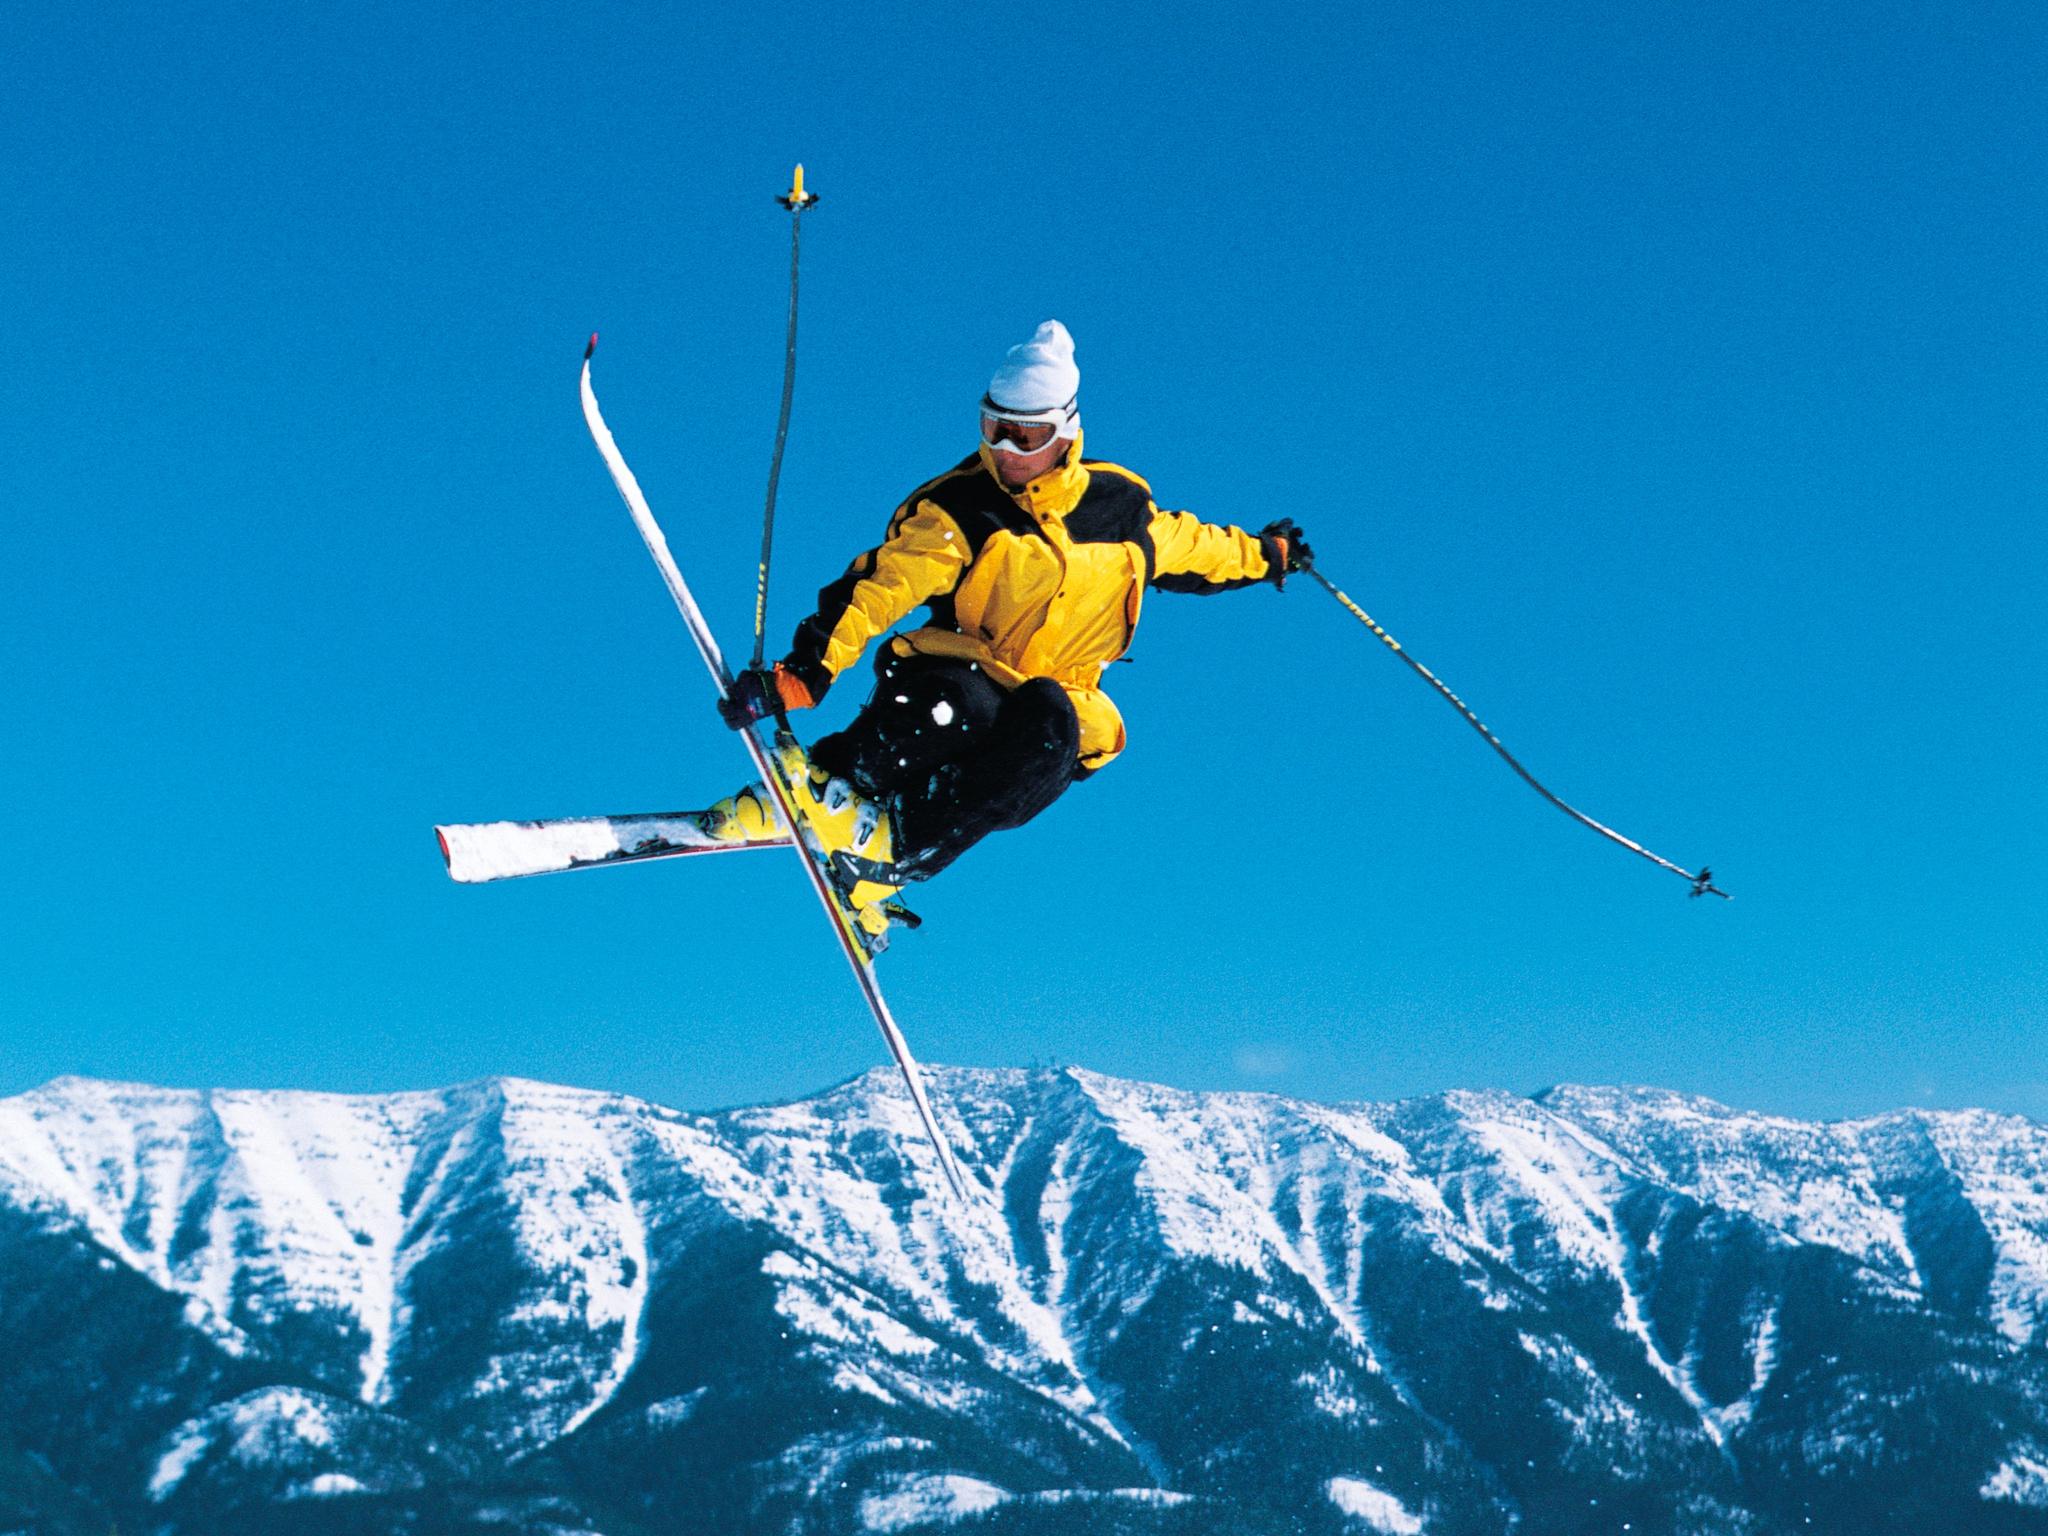 Лыжник прыжок горы небо  № 3309047 бесплатно